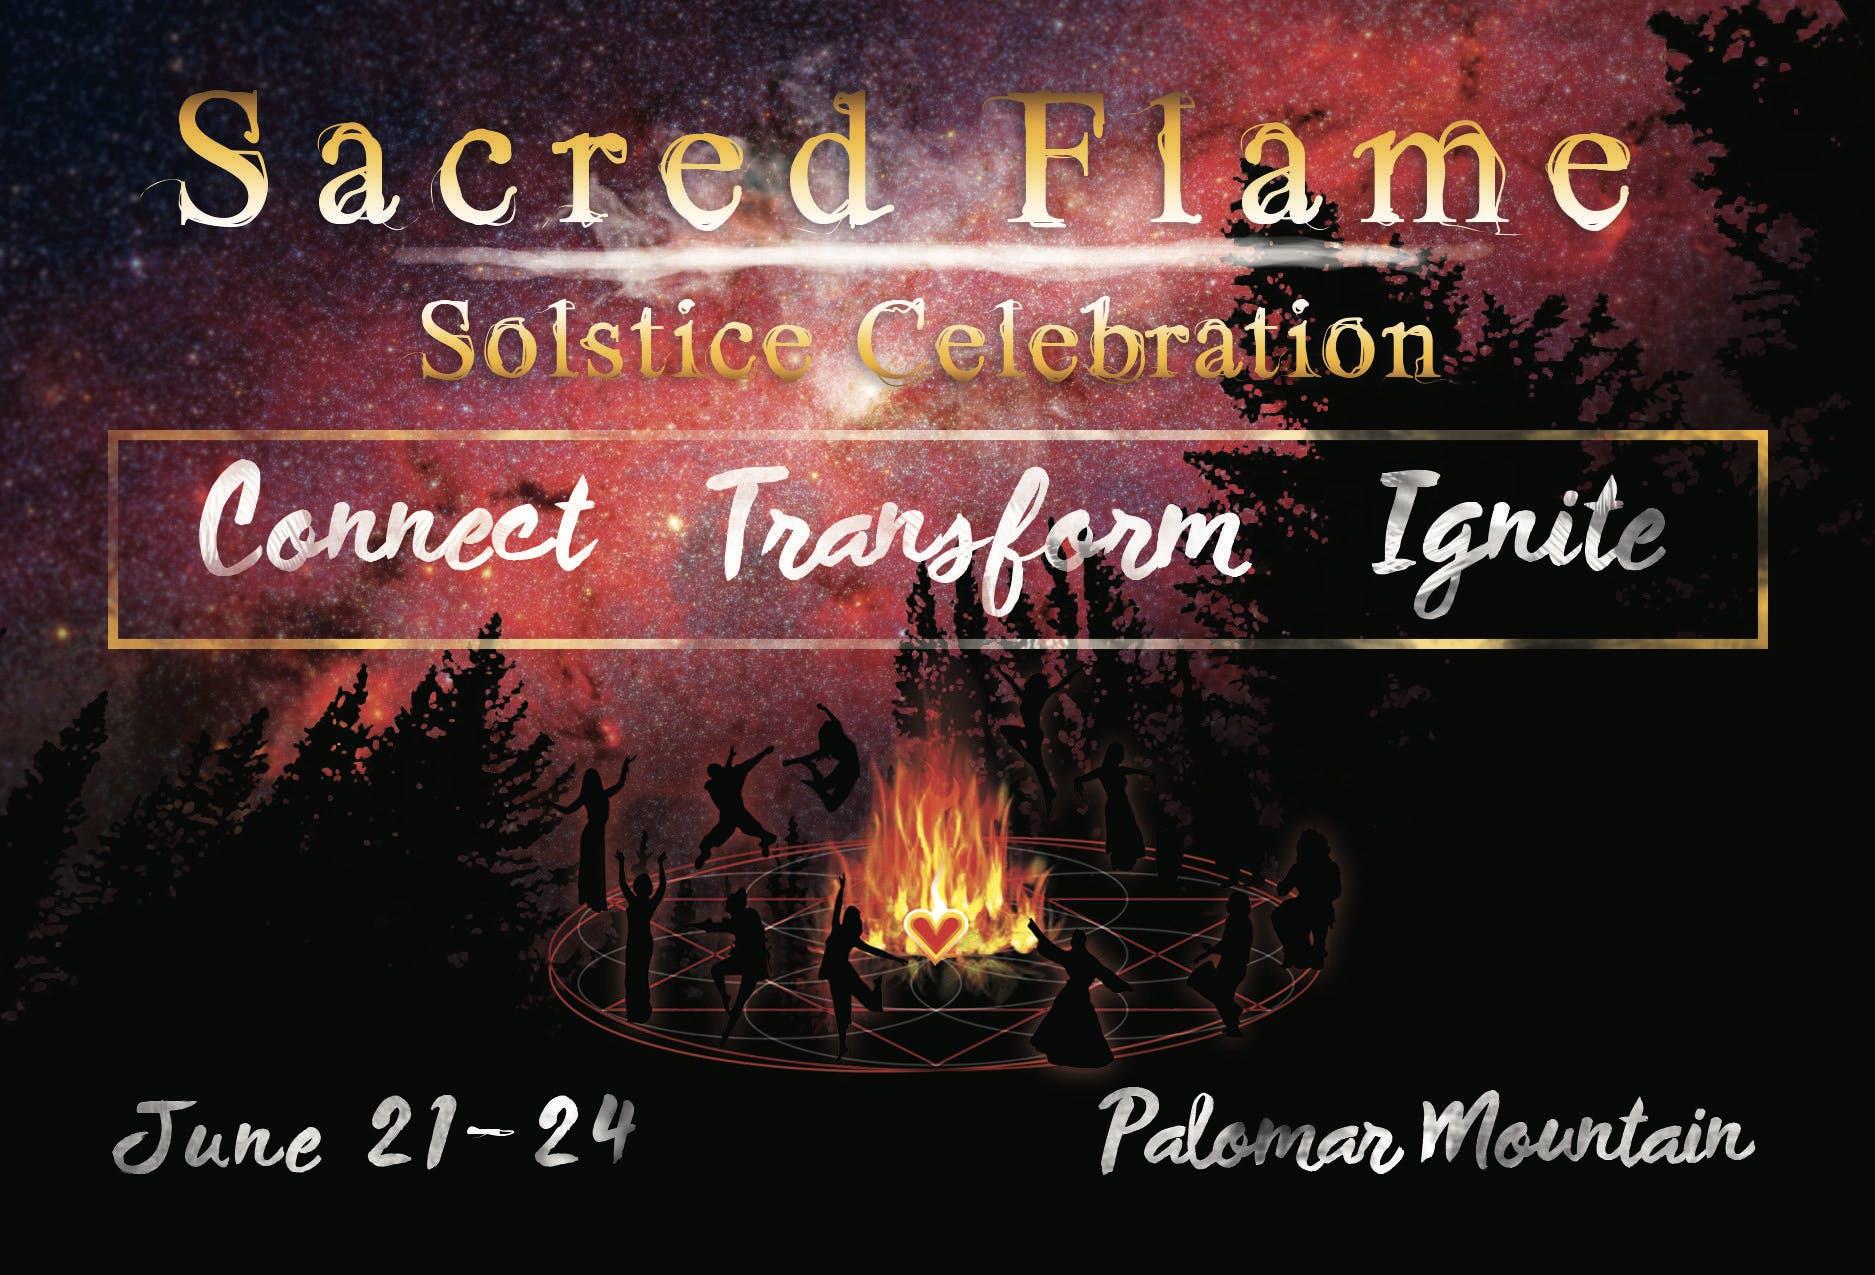 SACRED FLAME SOLSTICE CELEBRATION